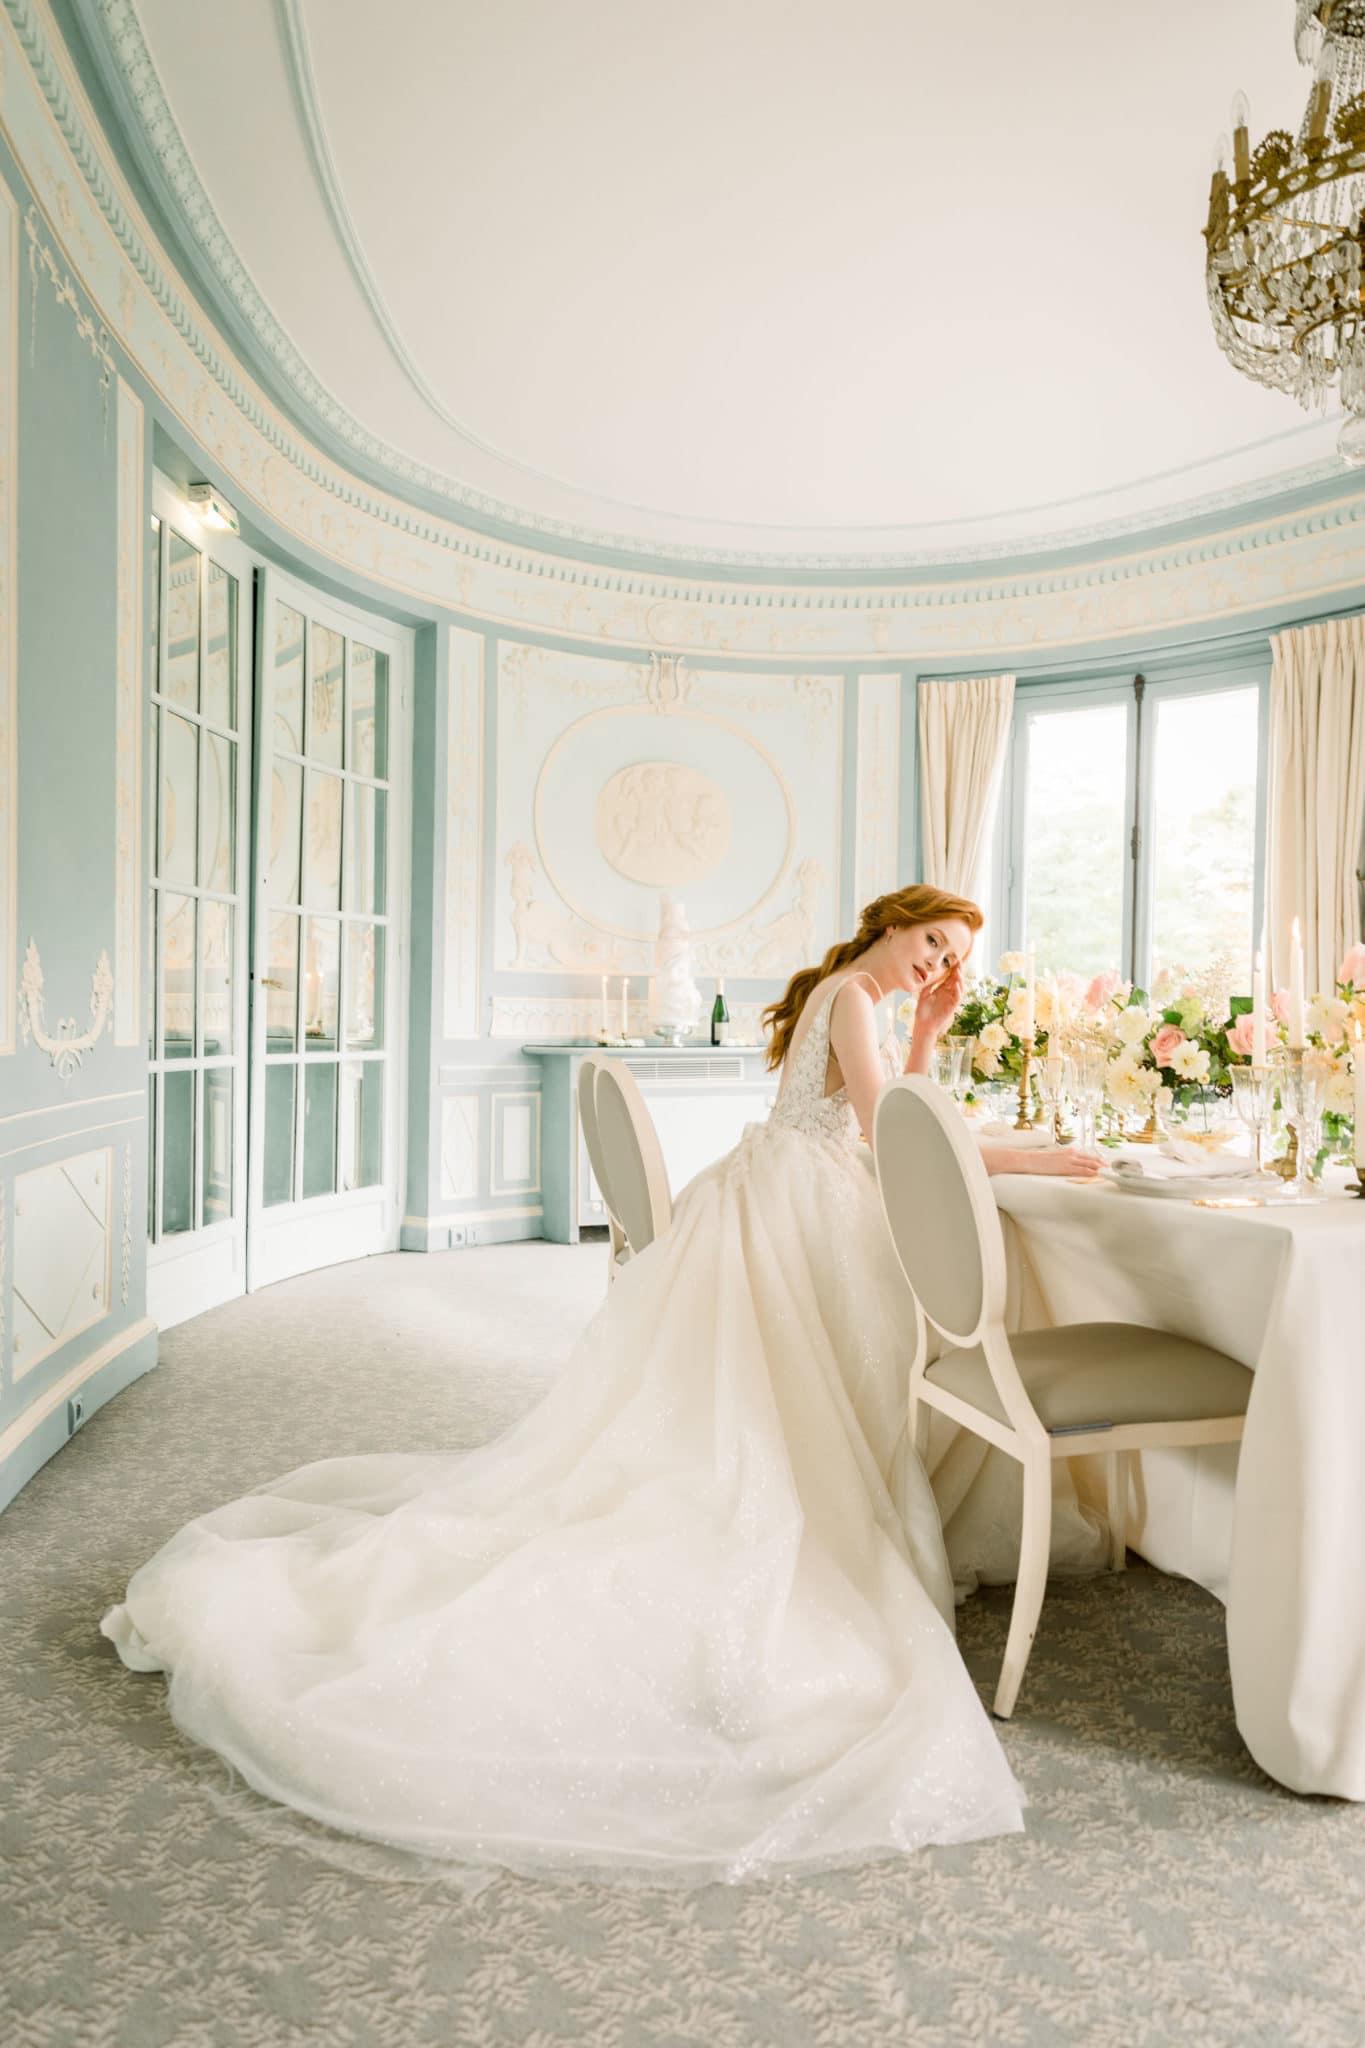 Salon mariage Paris, inspiration mariage luxueux esprit Marie Antoinette